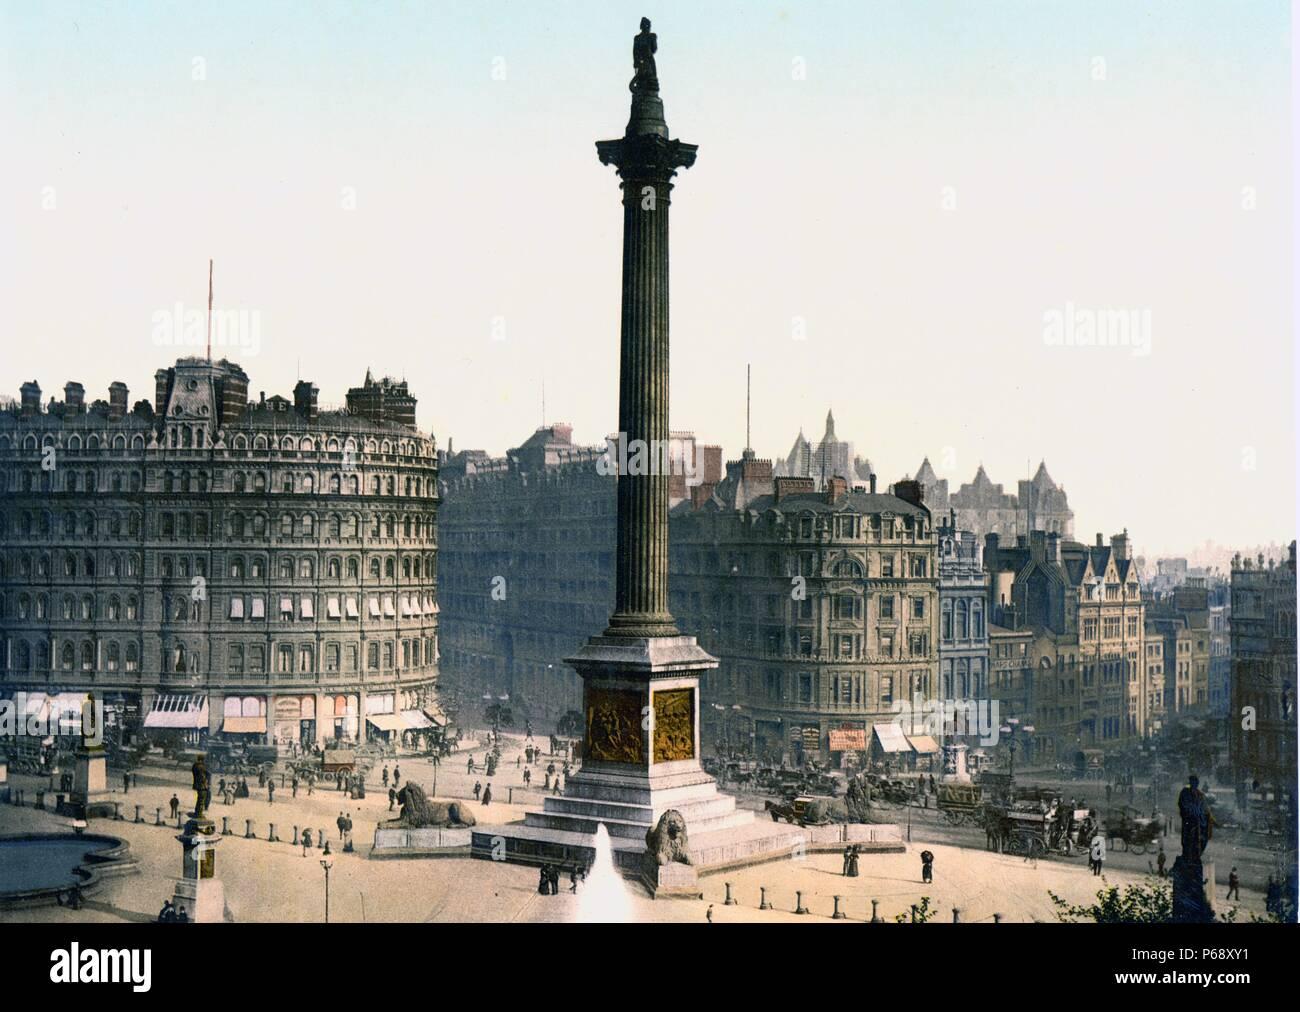 Die Zeiten, die London datieren